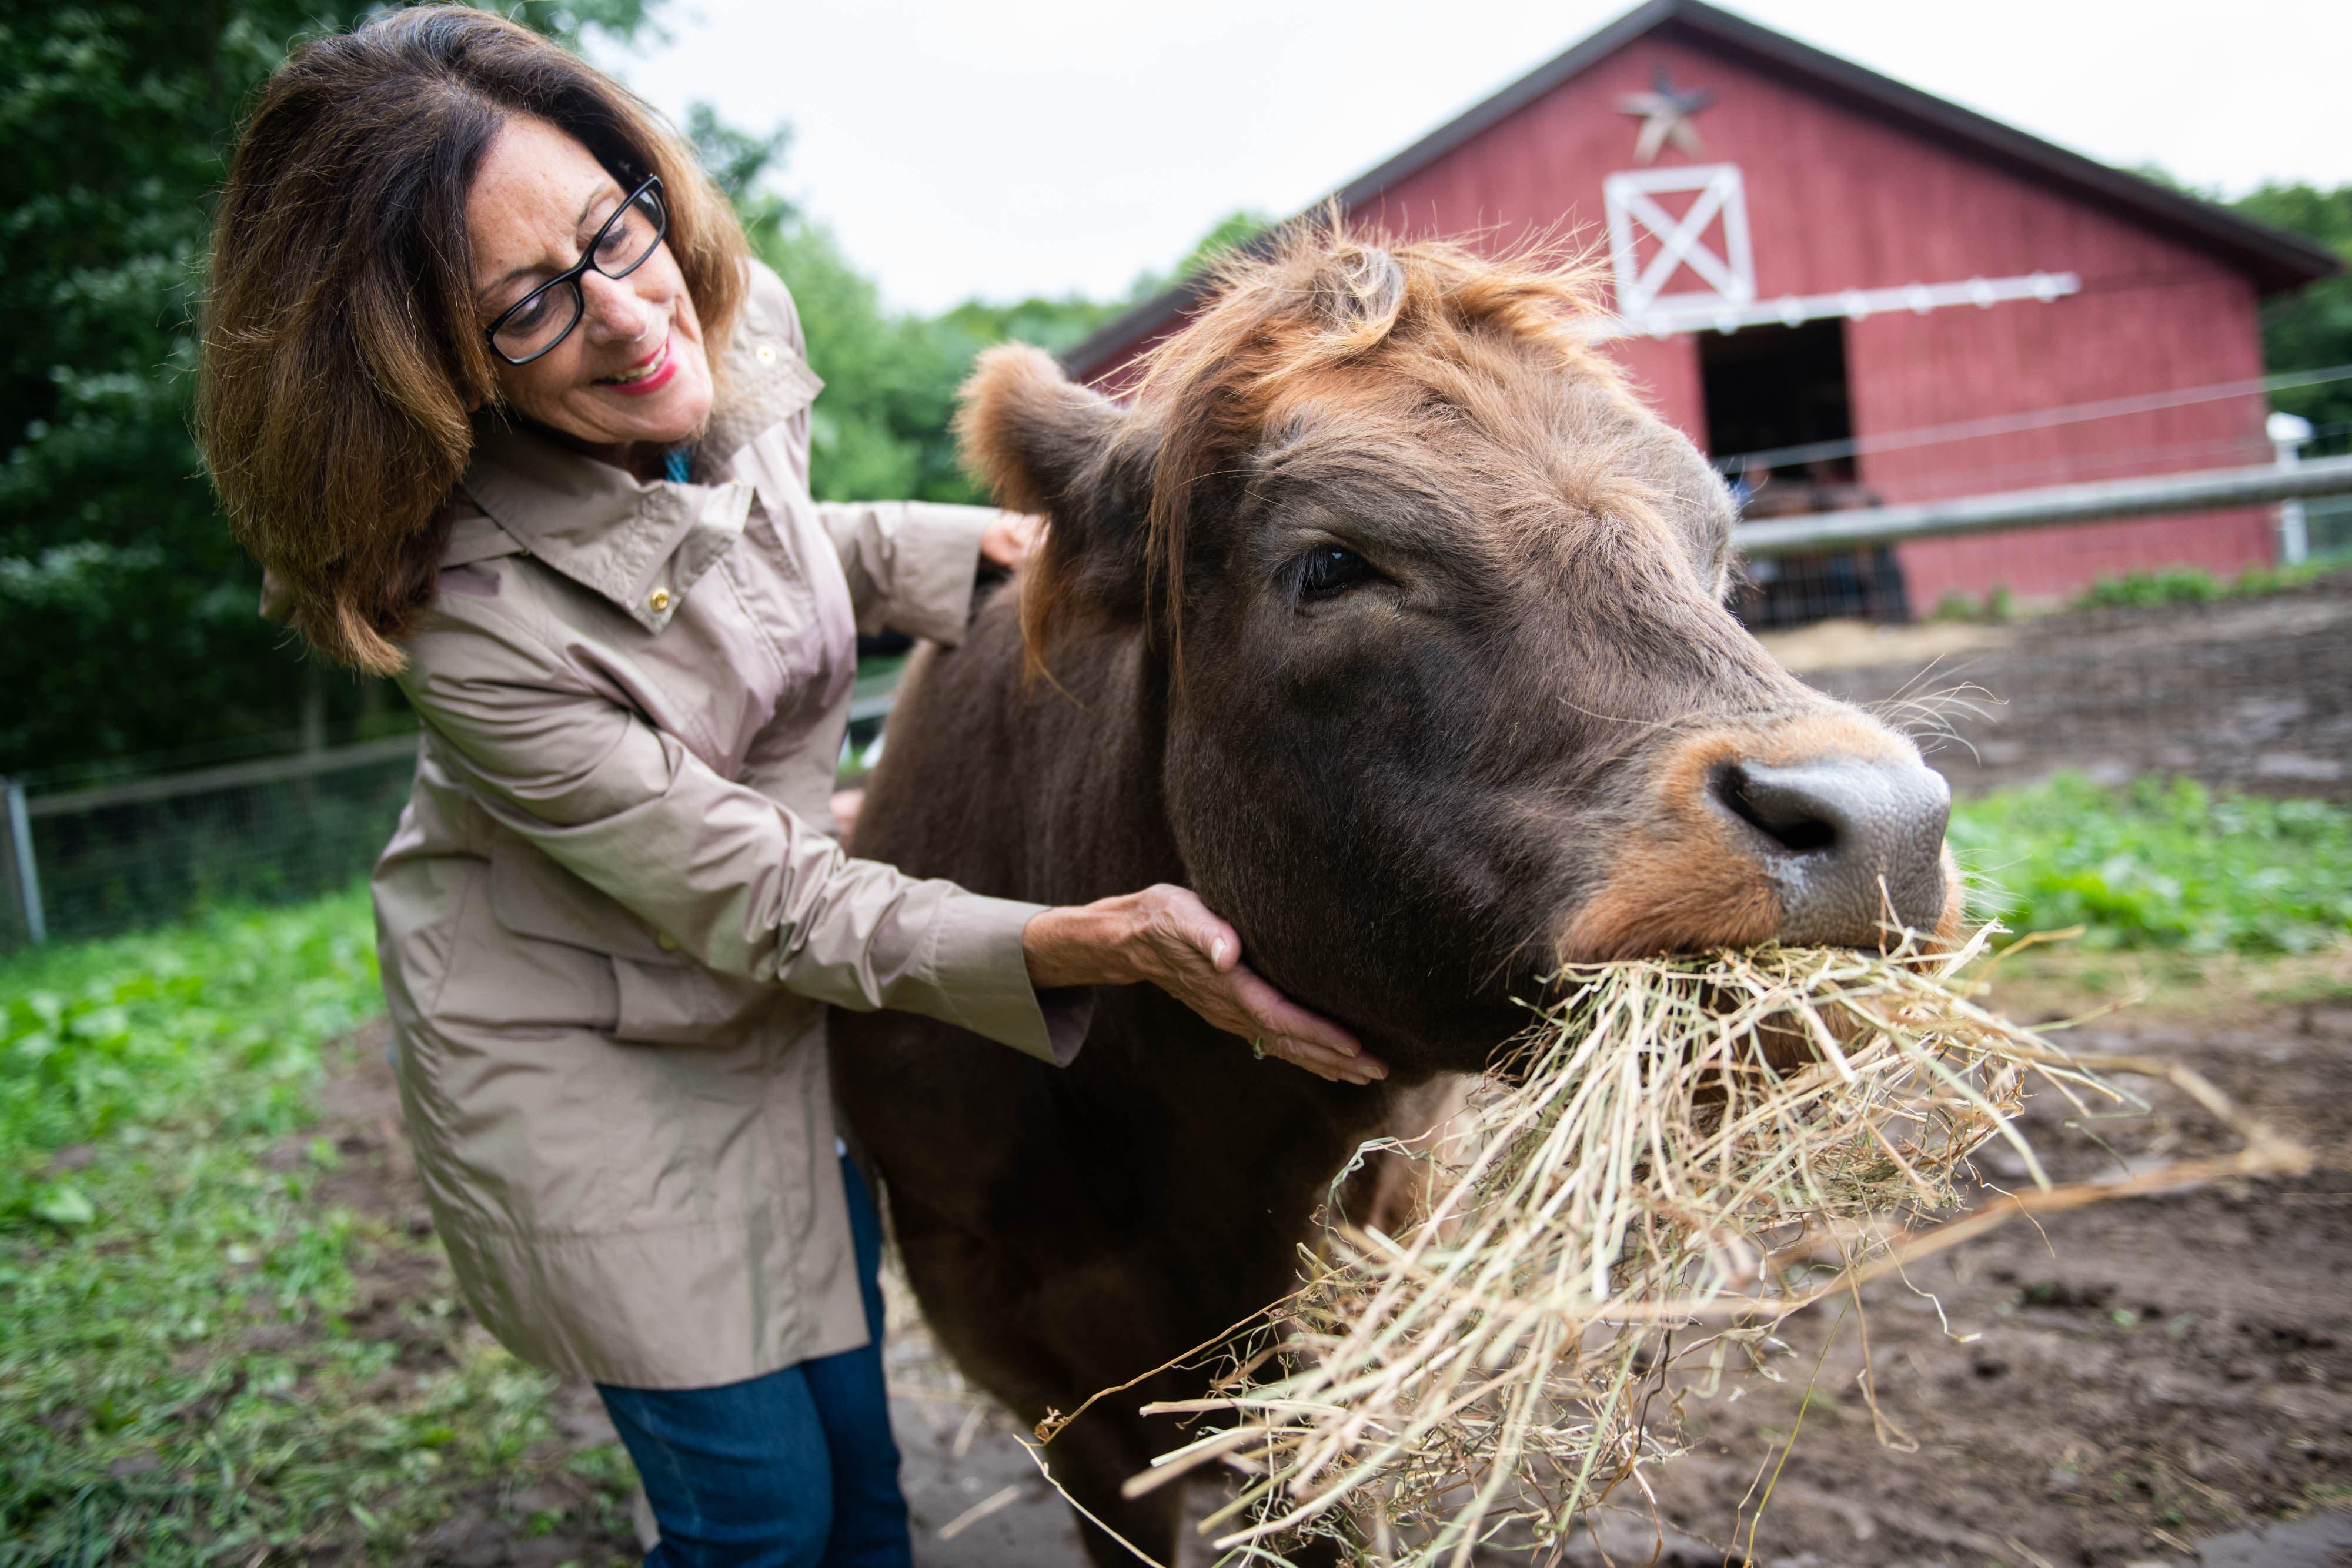 câlins à une vache